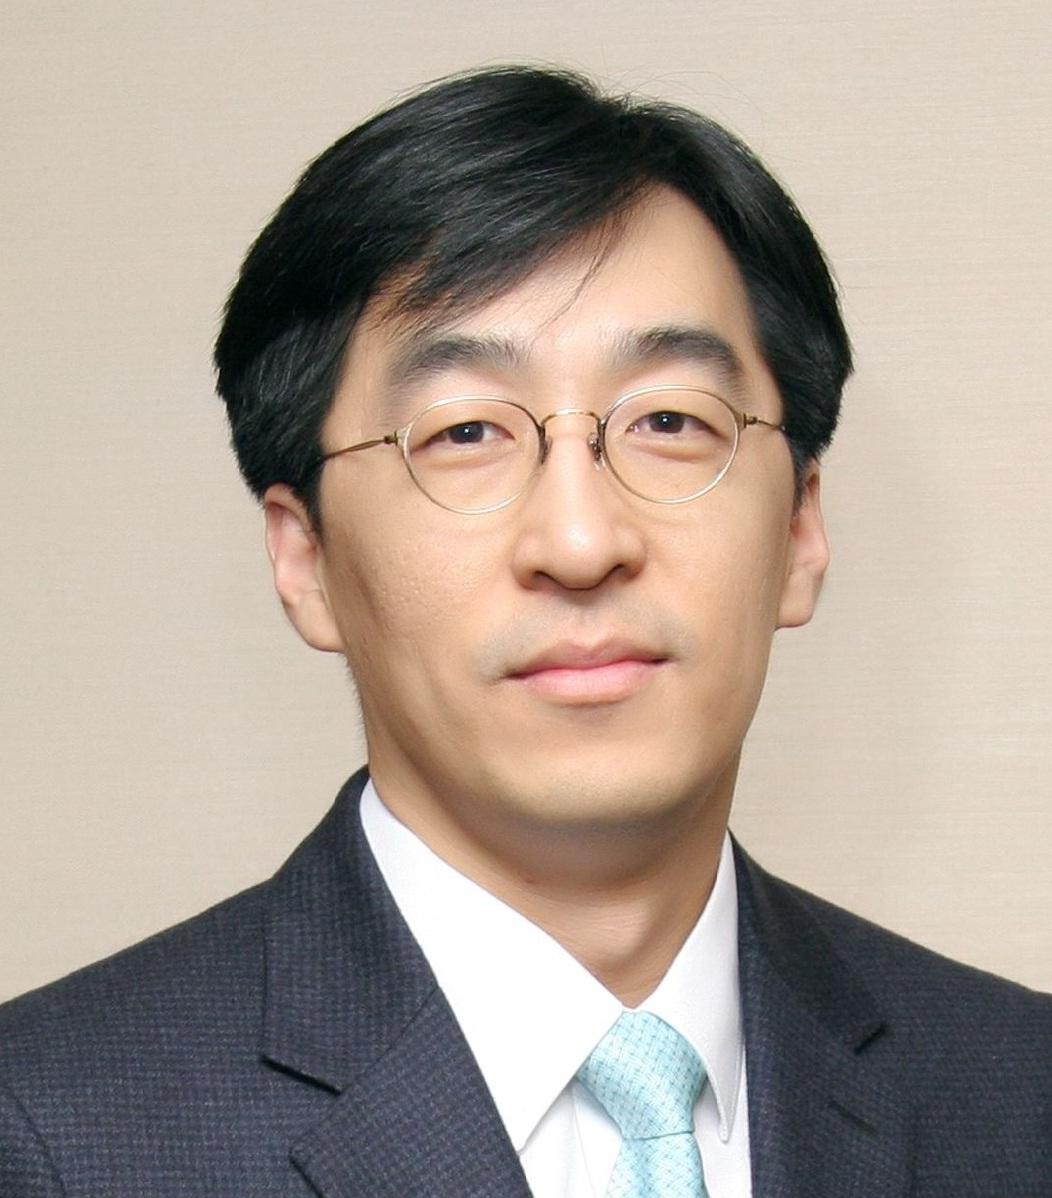 강현재 Kang, Hyun-Jae사진